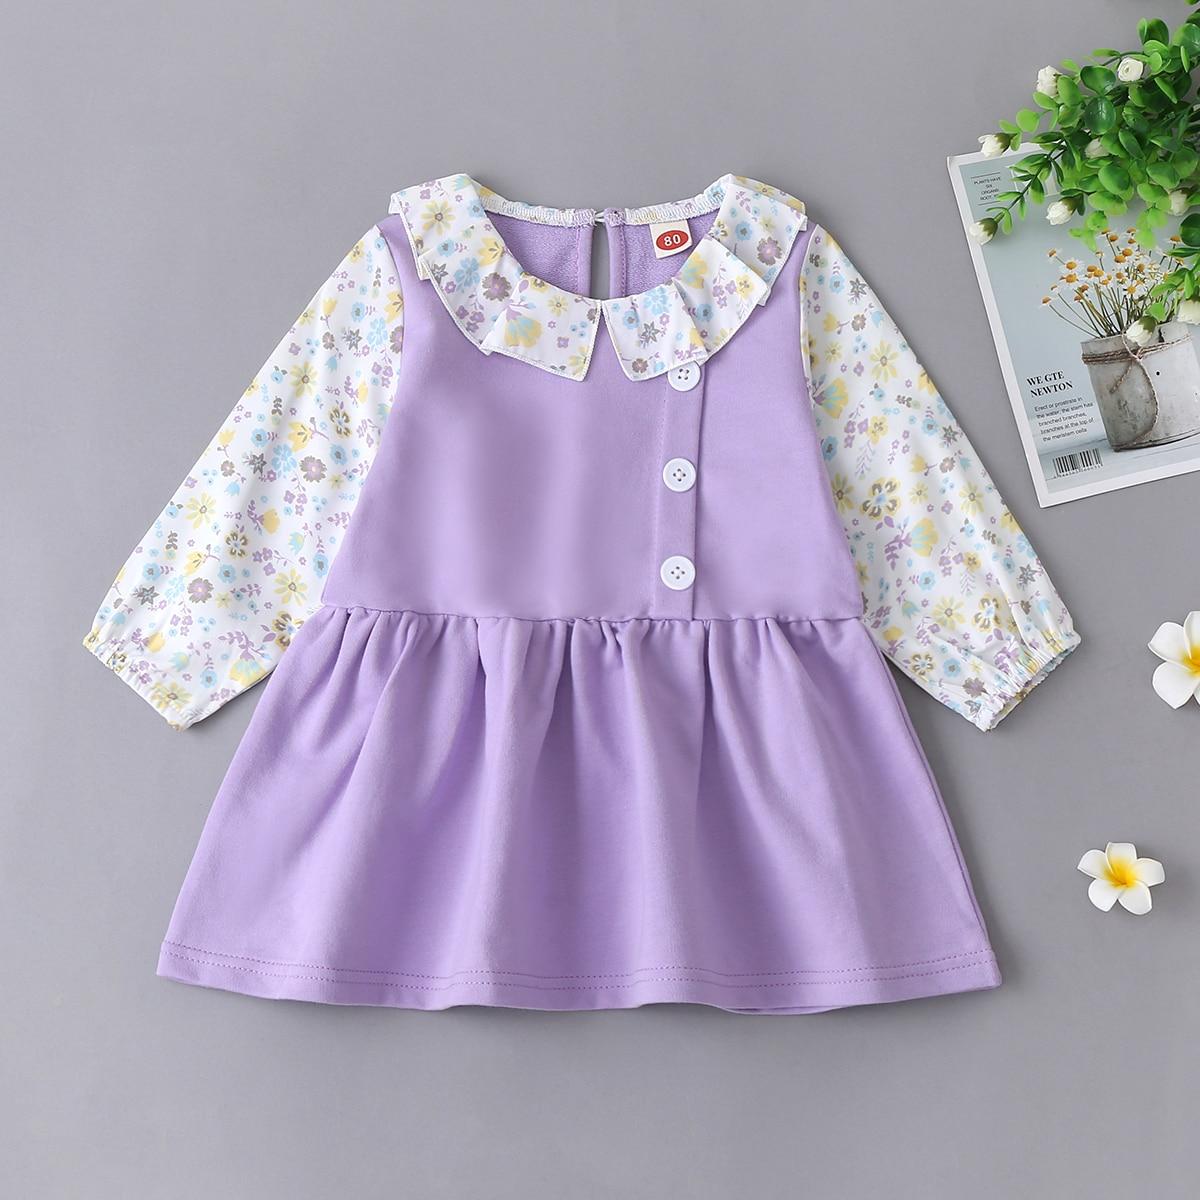 shein Casual Vrolijke Bloemetjes Baby-jurk Contracst kraag